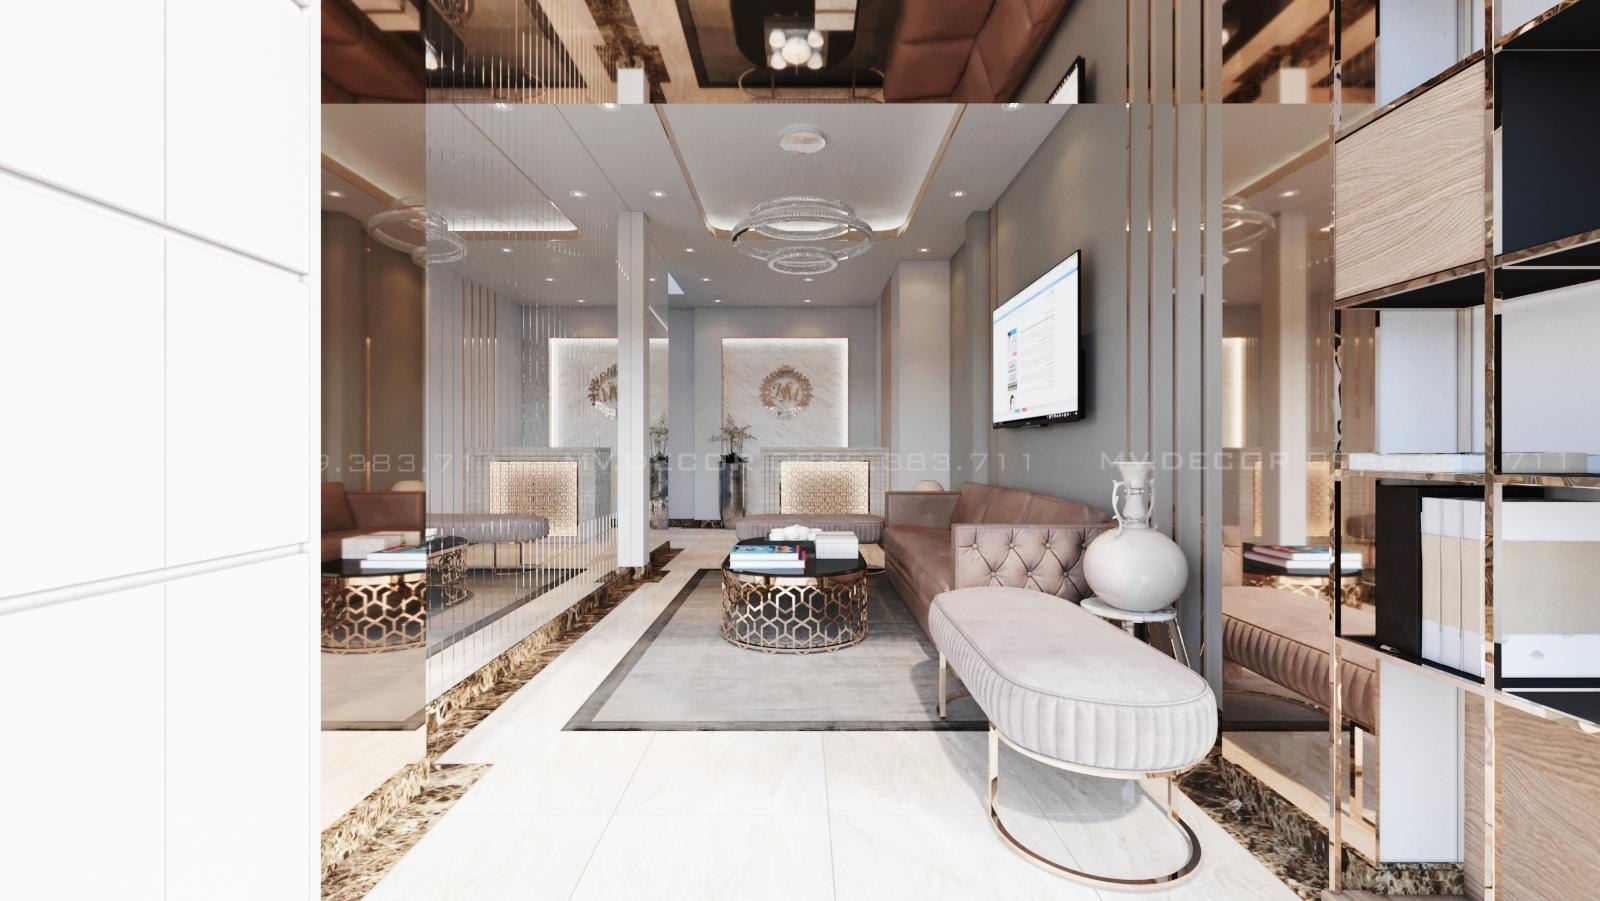 thiết kế nội thất Spa tại Hồ Chí Minh CHI NHÁNH MI HƯƠNG SPA HỒ CHÍ MINH 13 1562719799